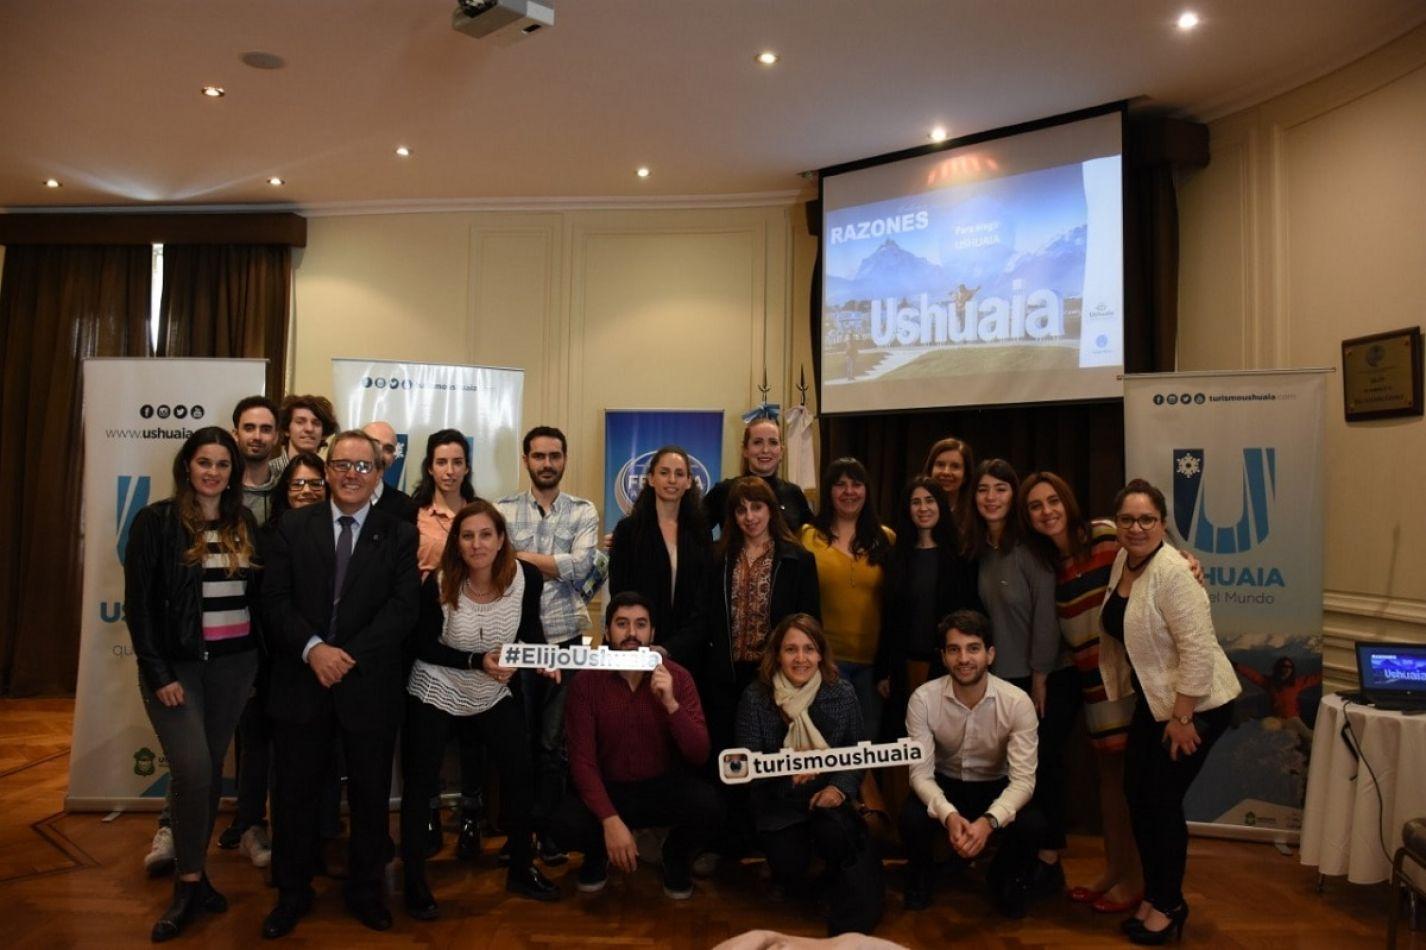 Ushuaia se posiciona como destino turístico nacional e internacional